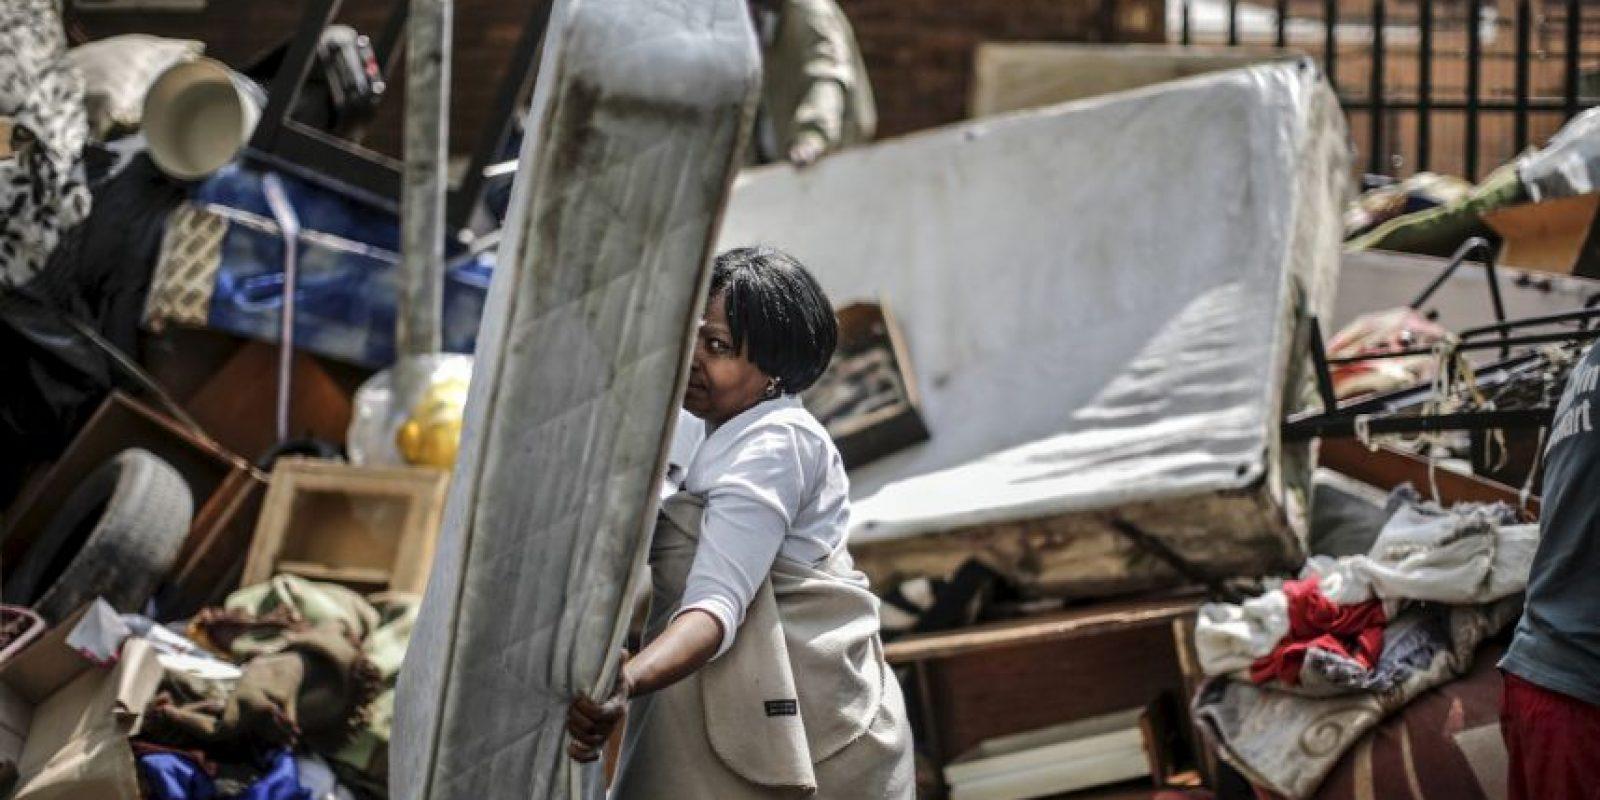 Mujer salva un colchón en Sudáfrica tras quedar una pila de objetos de personas desalojadas. Foto:AFP